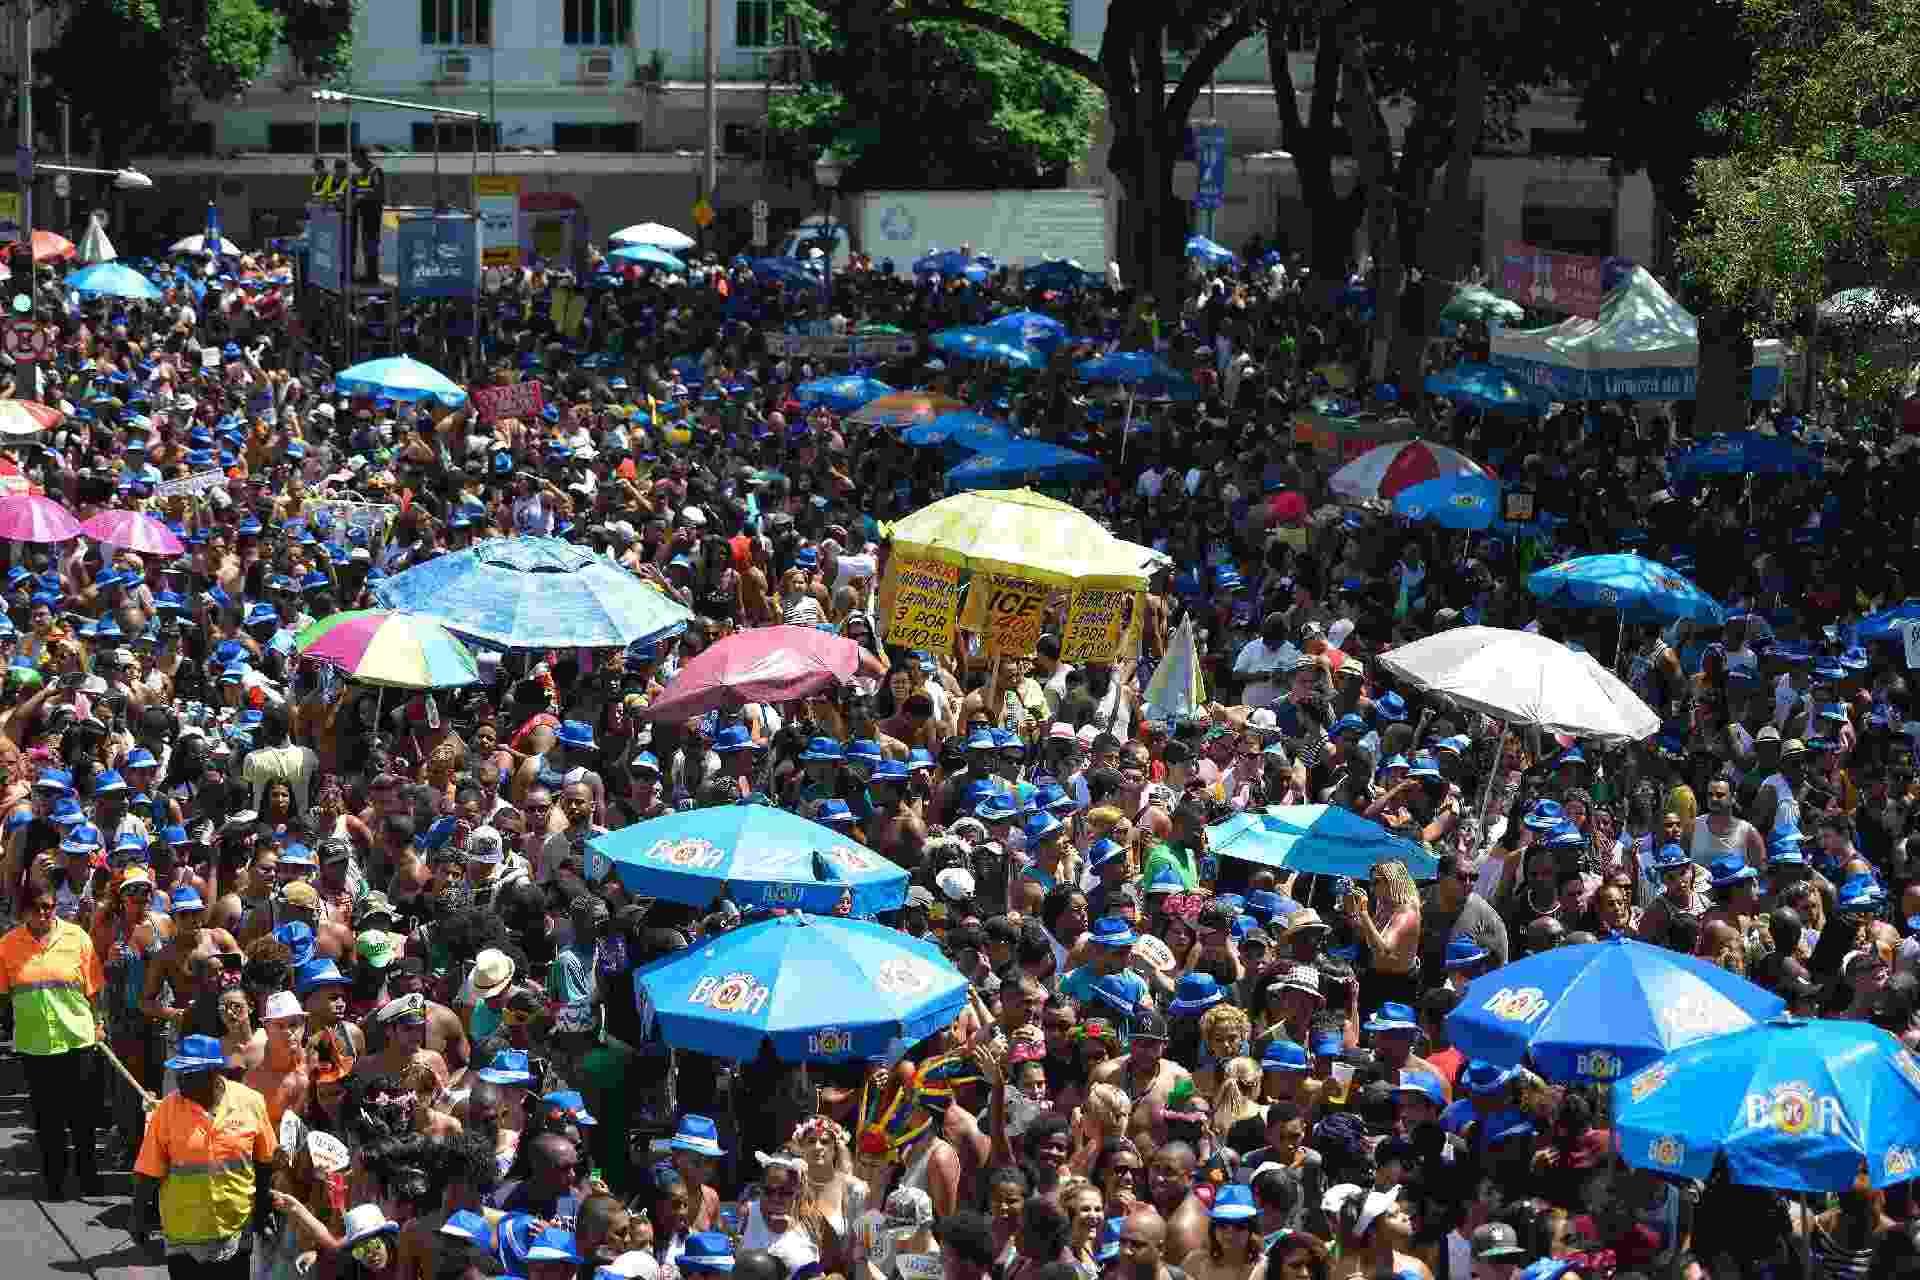 5.mar.2017 - Foliões lotam a Av. 1º de Março, no centro do Rio, para seguir o Monobloco em ressaca de Carnaval - Fabio Teixeira / UOL